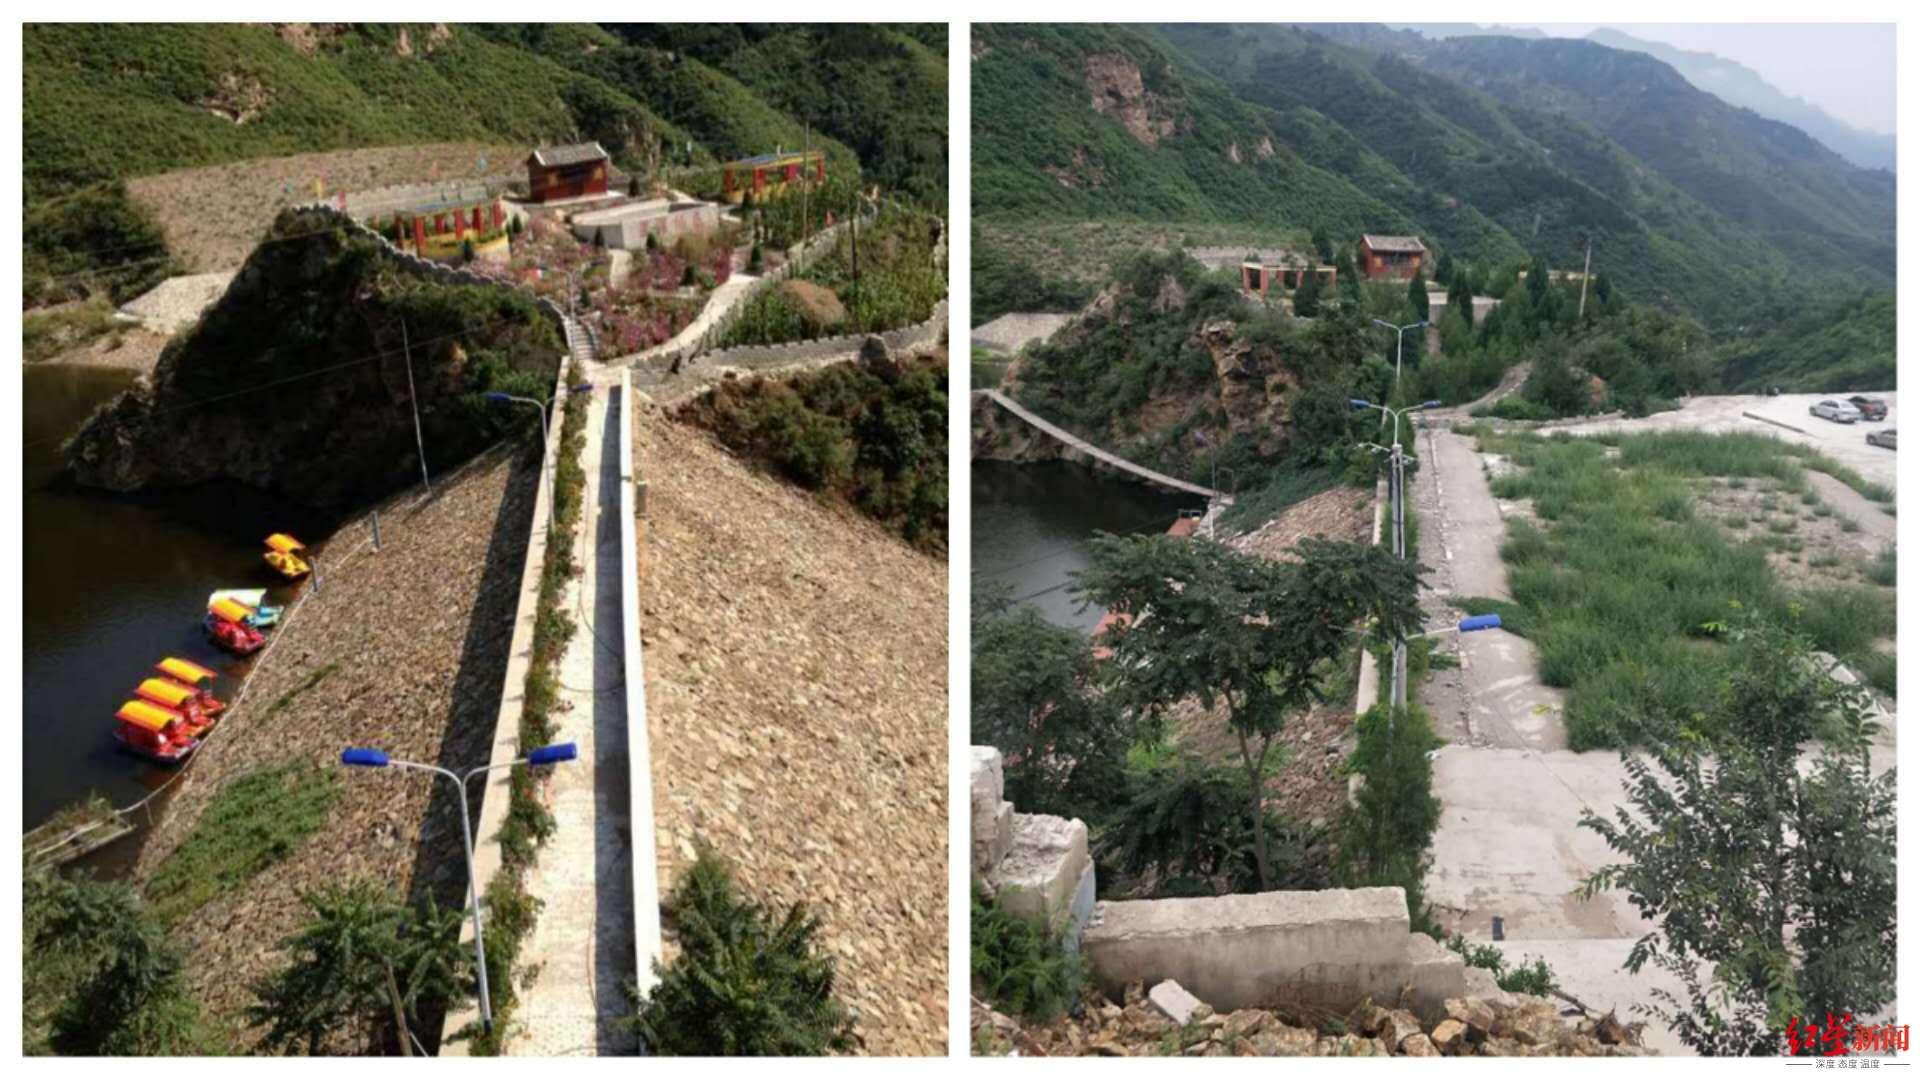 ↑上图左侧为2013年大坝外侧的斜坡,右侧图片为2020年拍摄,大坝外侧已经被完全填平。